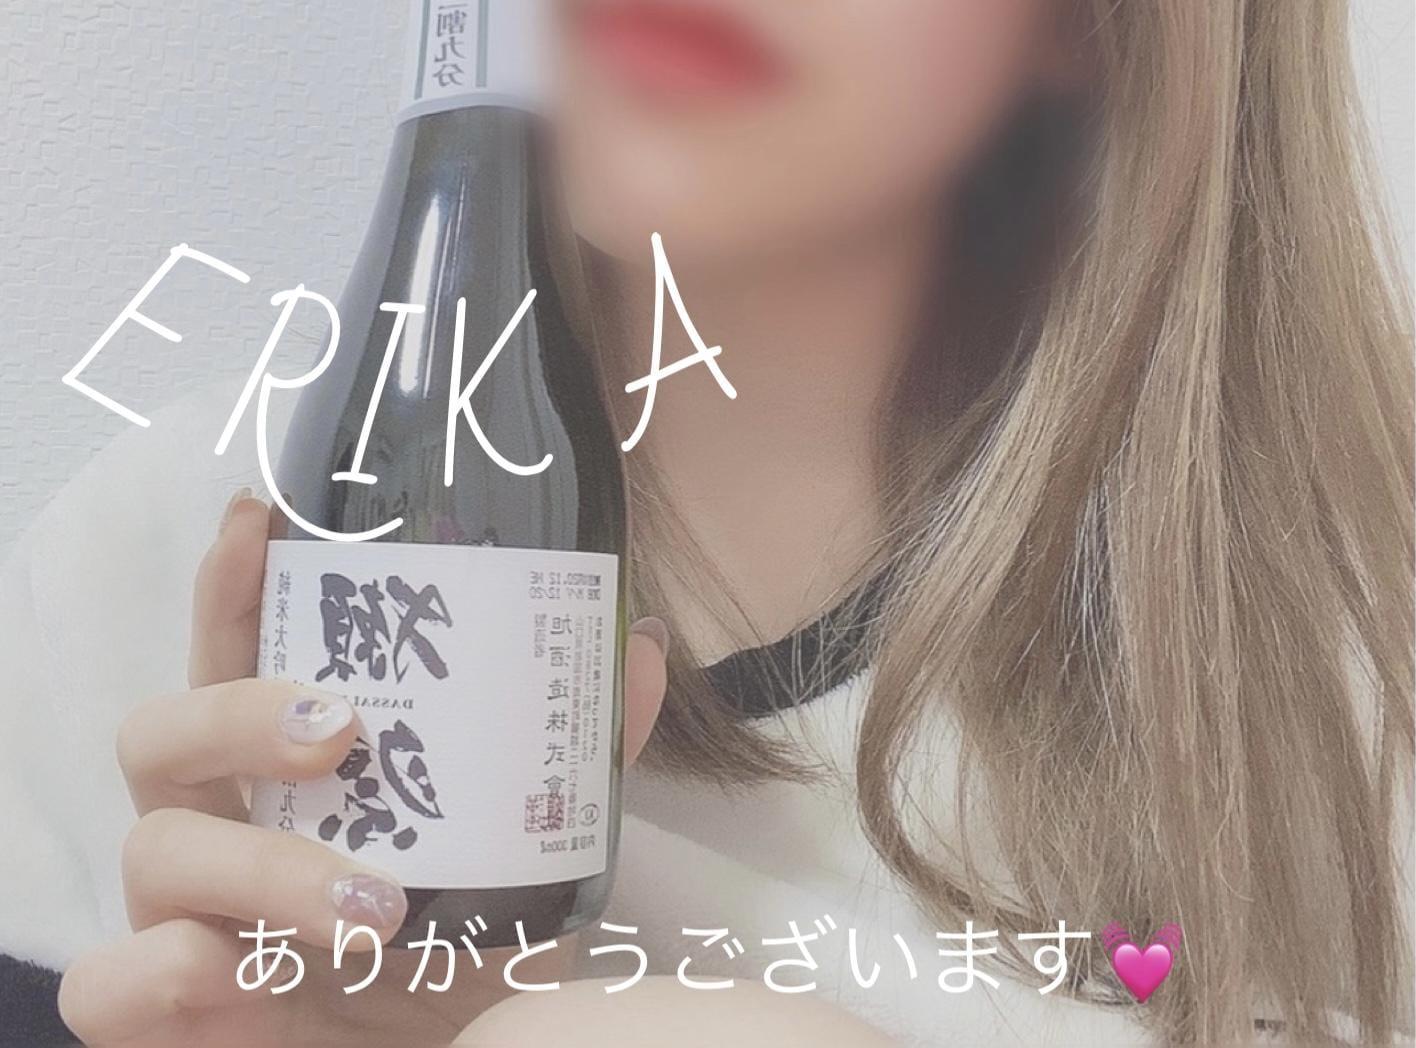 「きゅーーん♡♡」02/03(水) 02:24   えりかの写メ・風俗動画